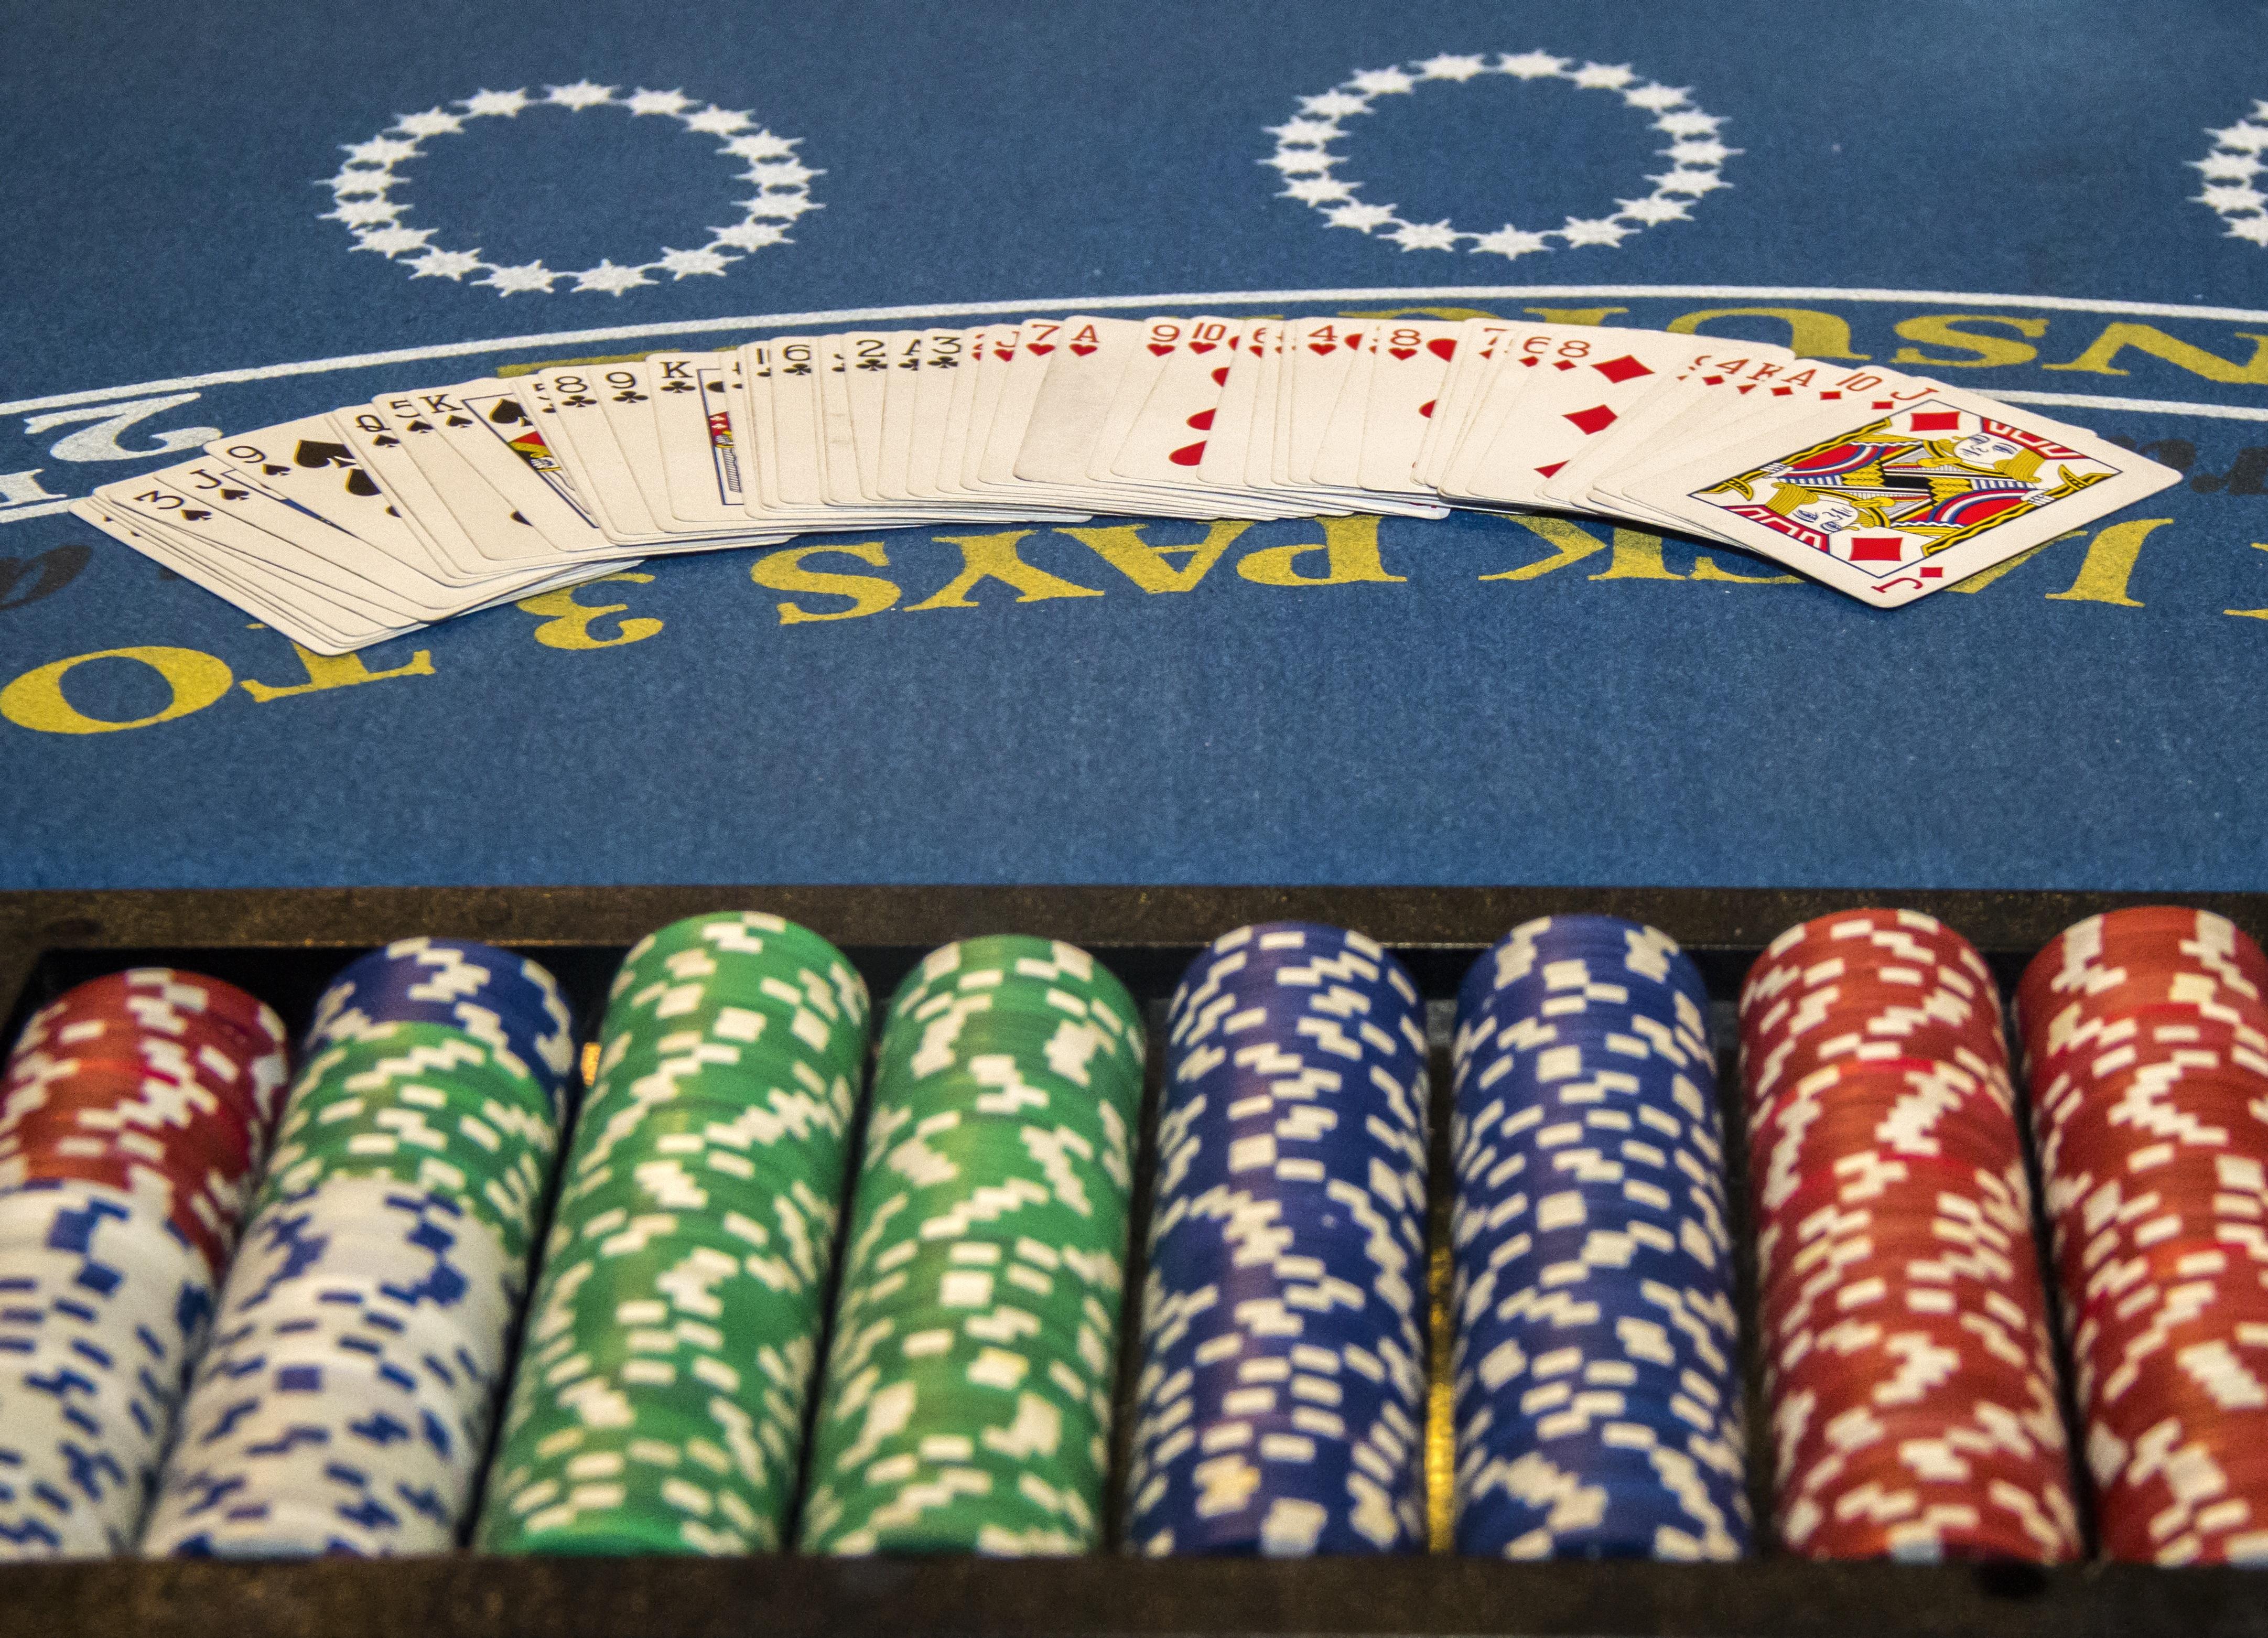 Покер азартные игры и жизнь можно ли взломать интернет казино